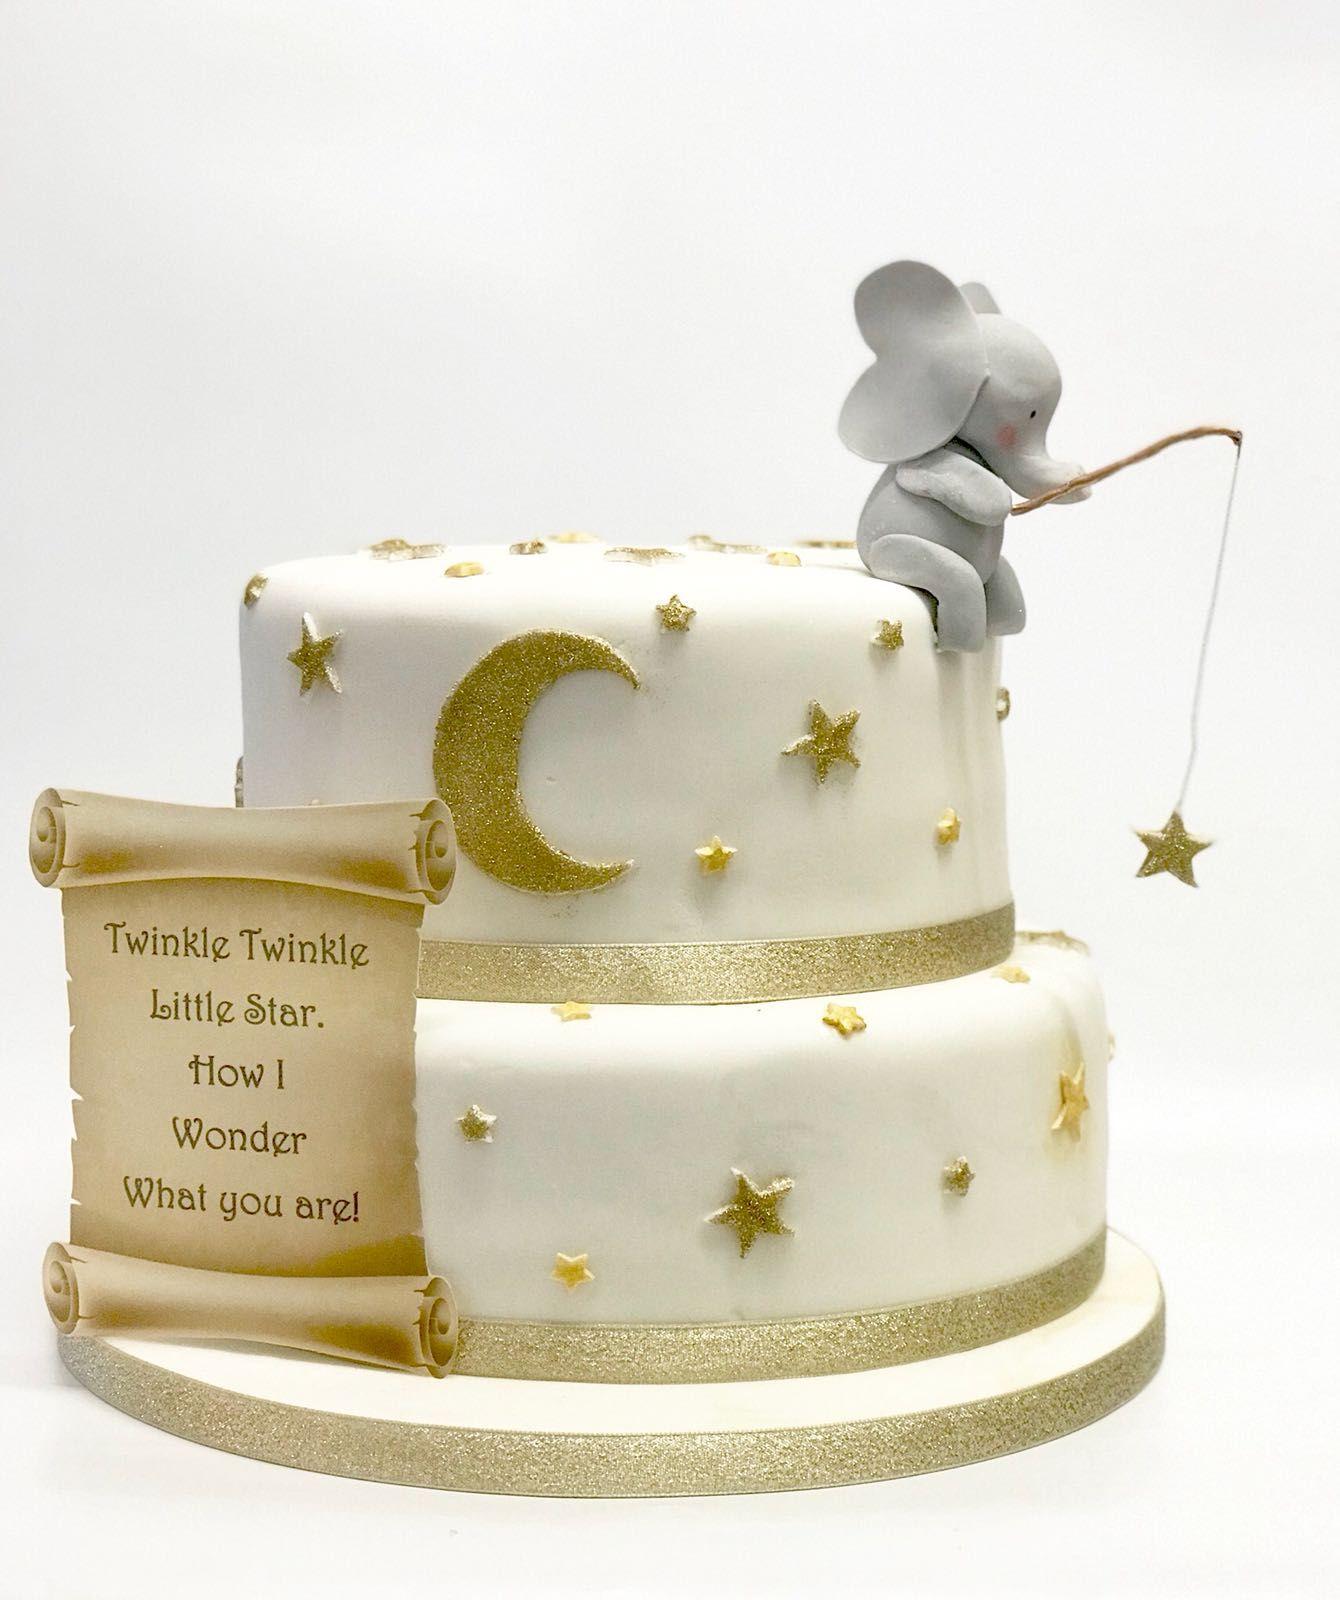 Baby Shower Cake. Twinkle Twinkle Little Star Twinkle